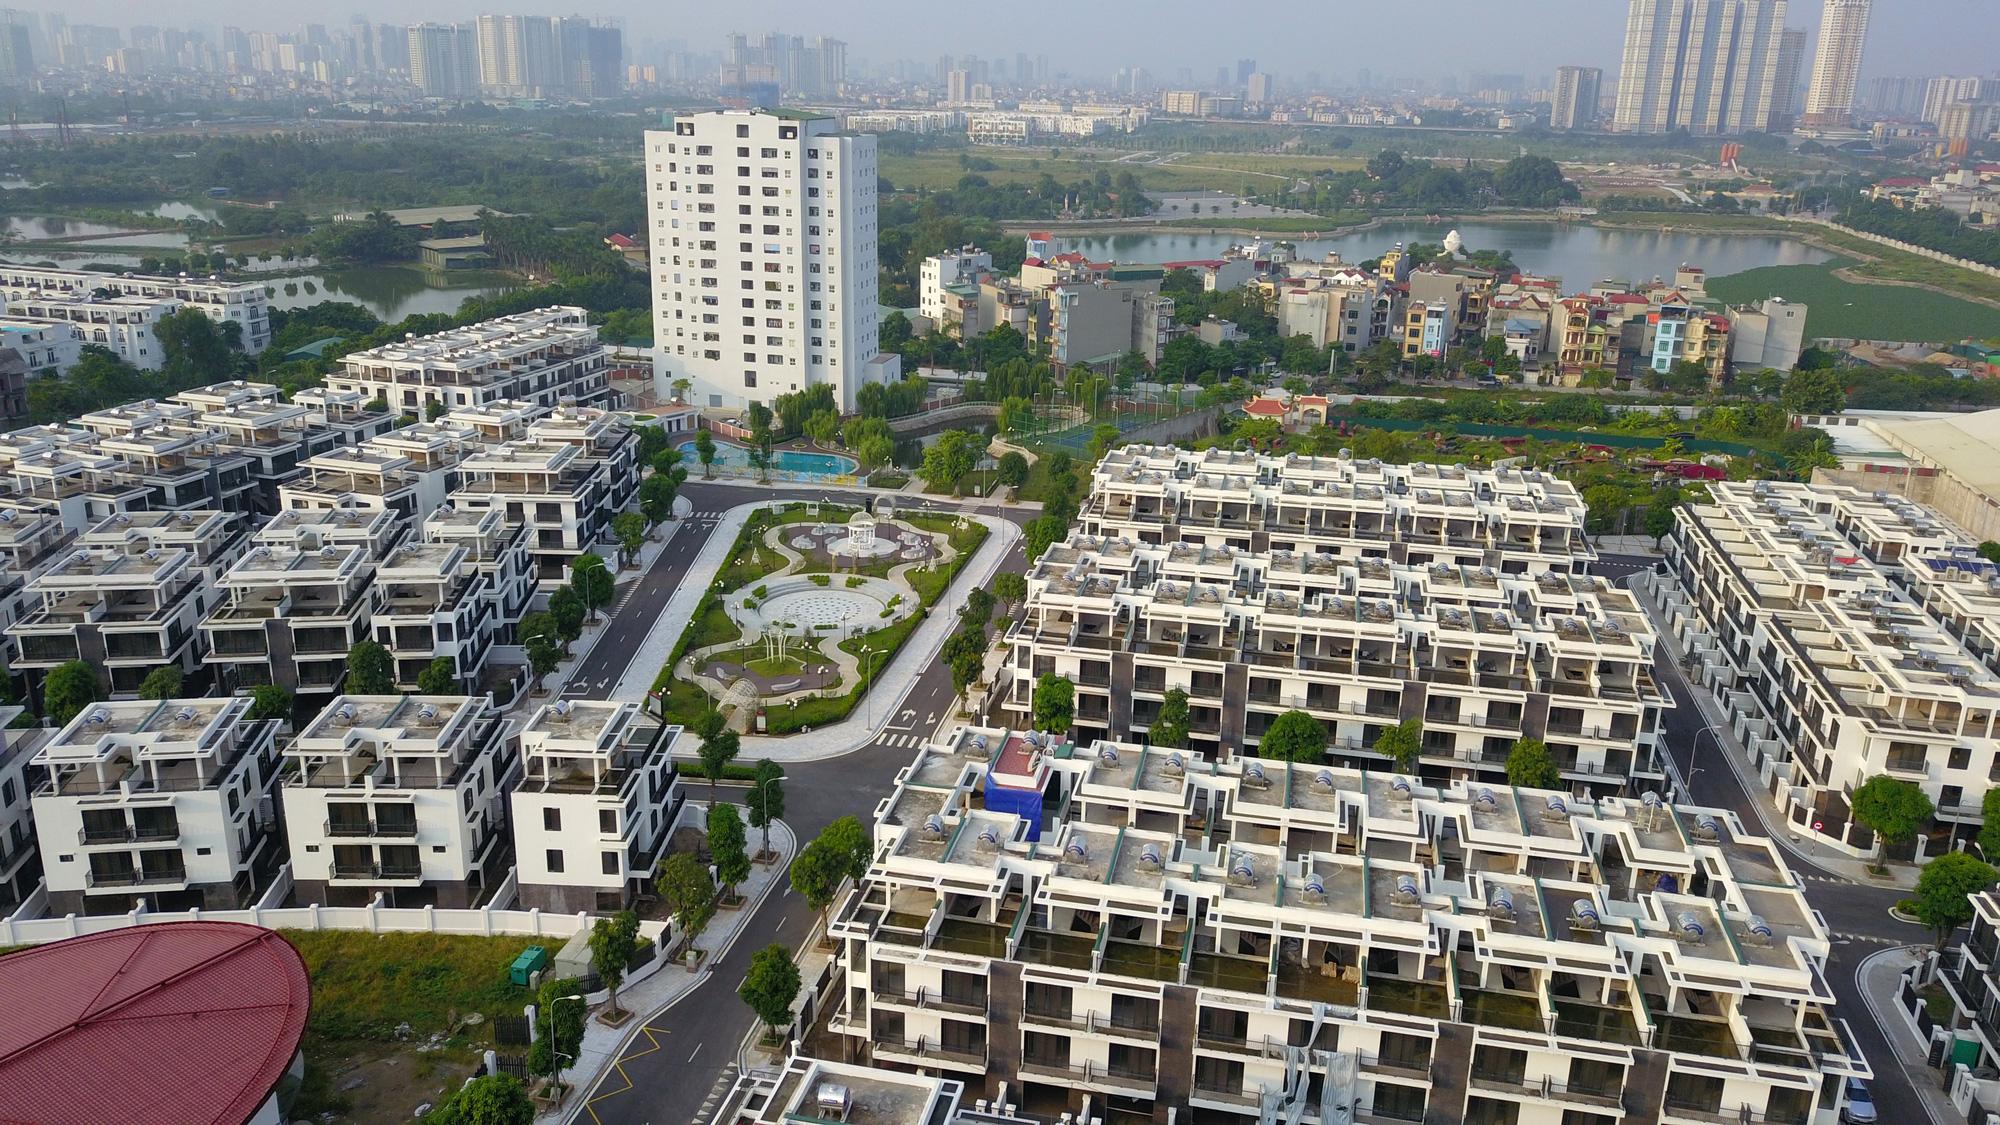 Nhiệm kỳ bộ trưởng Phạm Hồng Hà, thị trường bất động sản ra sao? - Ảnh 2.